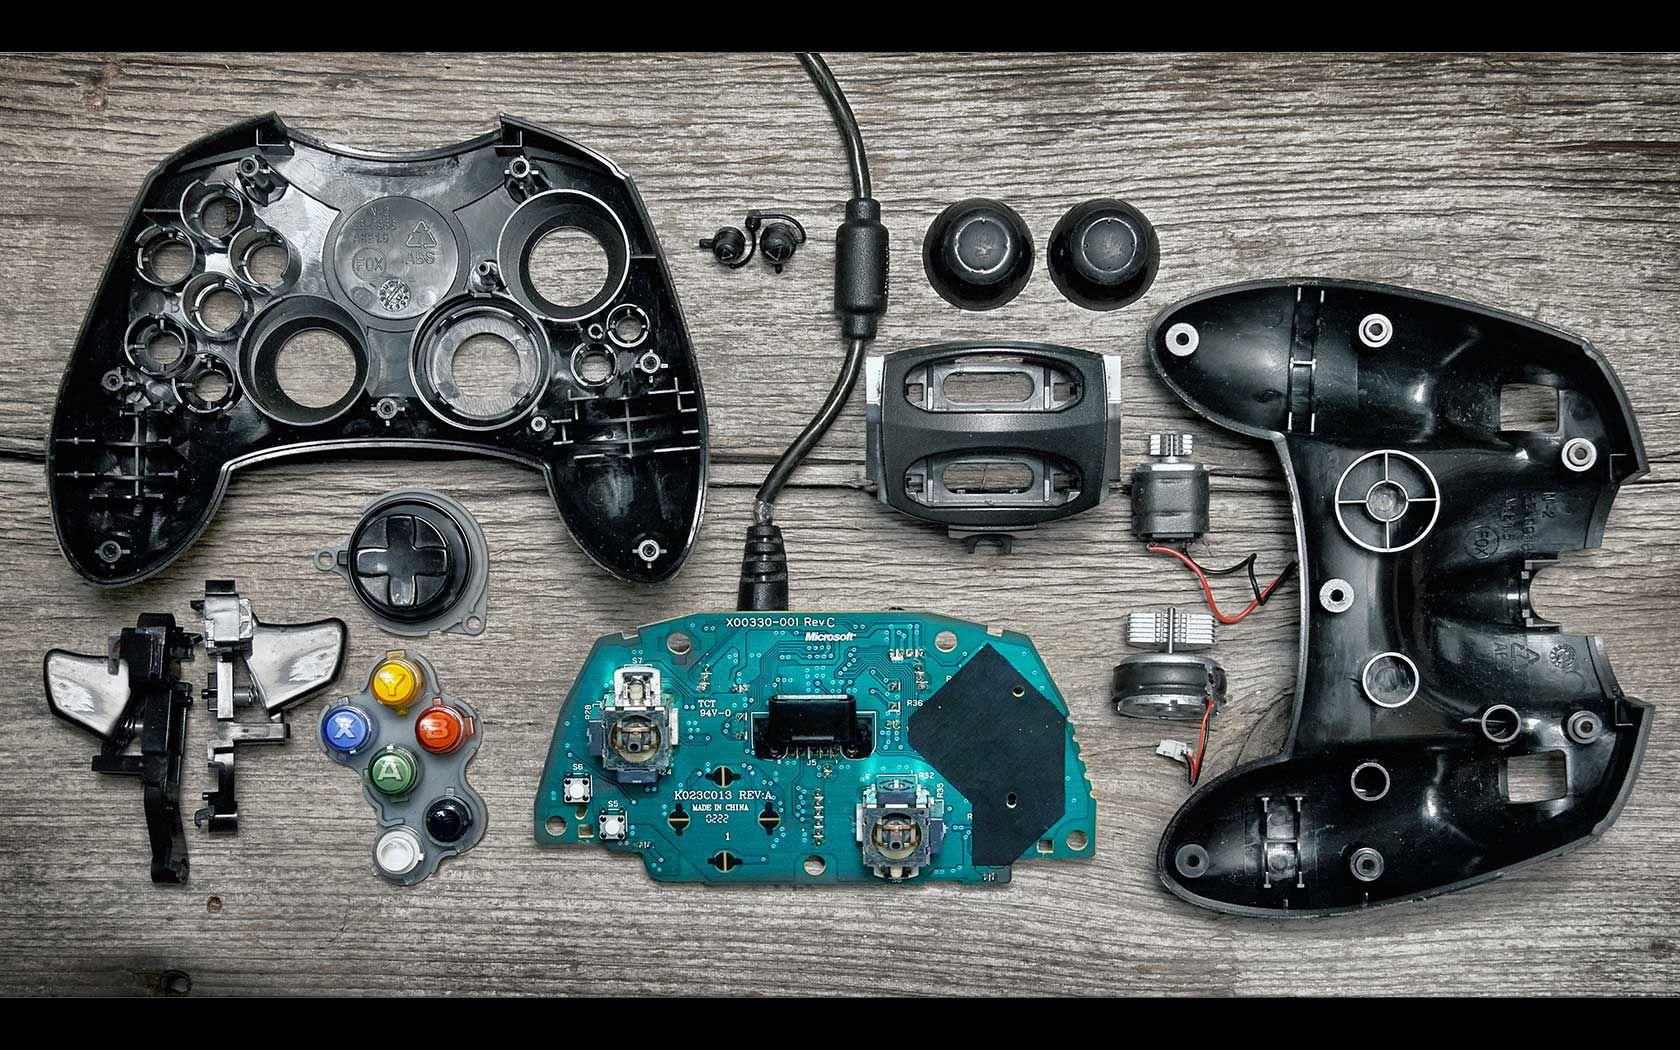 Controles de console são ainda mais lindos quando desmontados   Video game  controller, Deconstruction, Classic video games